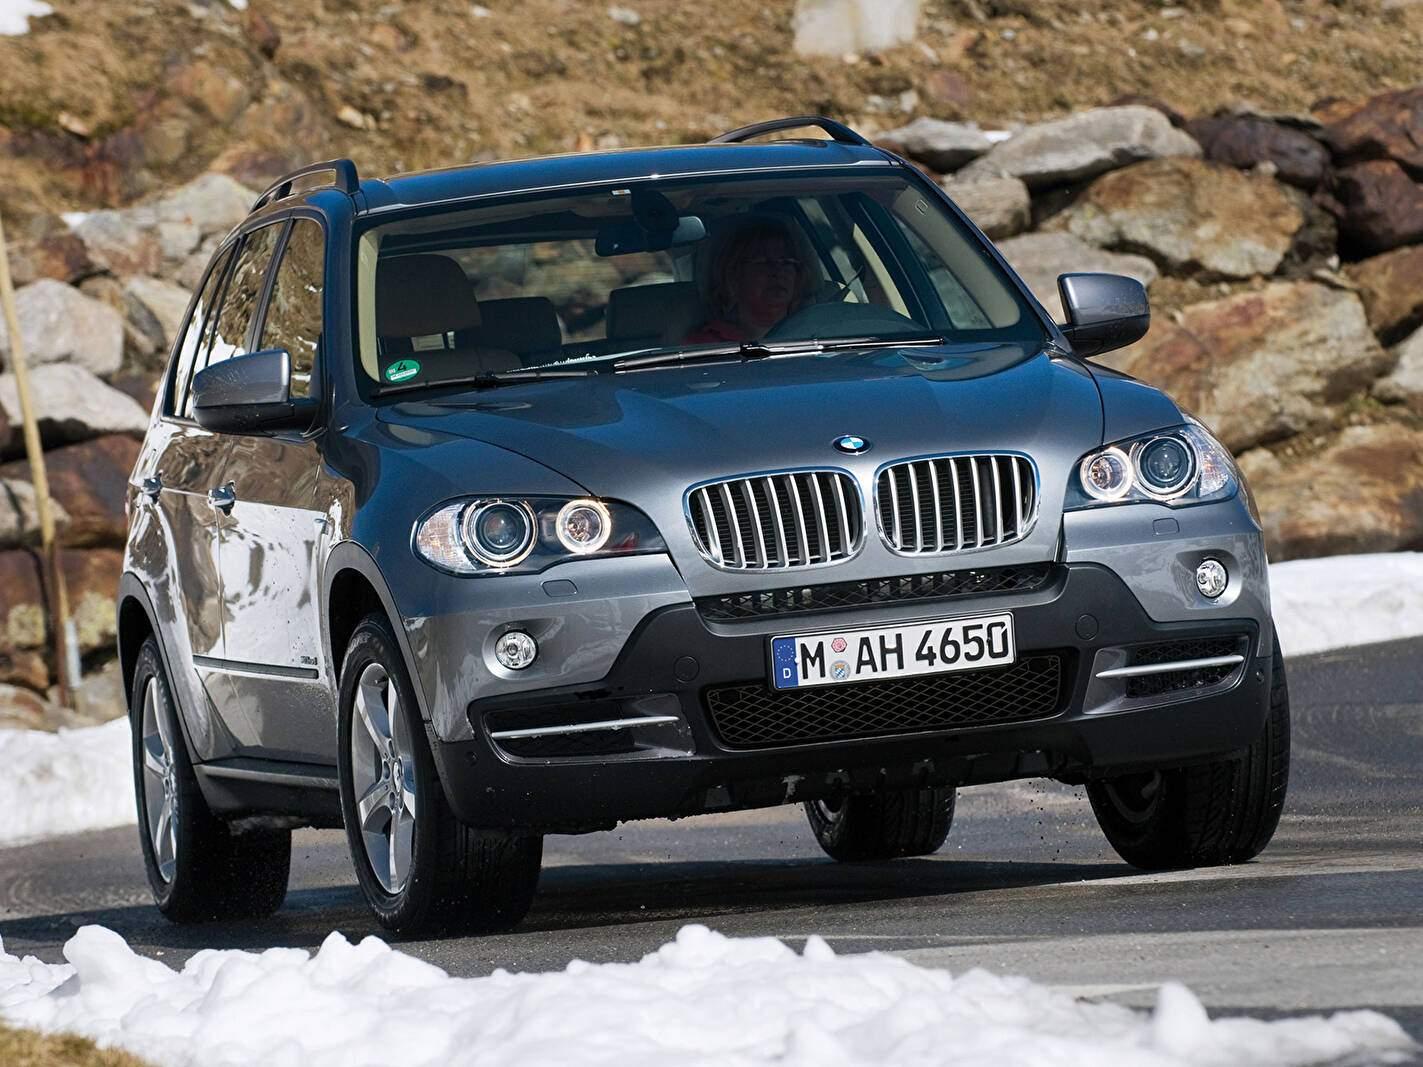 Fiche technique BMW X5 xDrive35d (E70) (2009-2010)